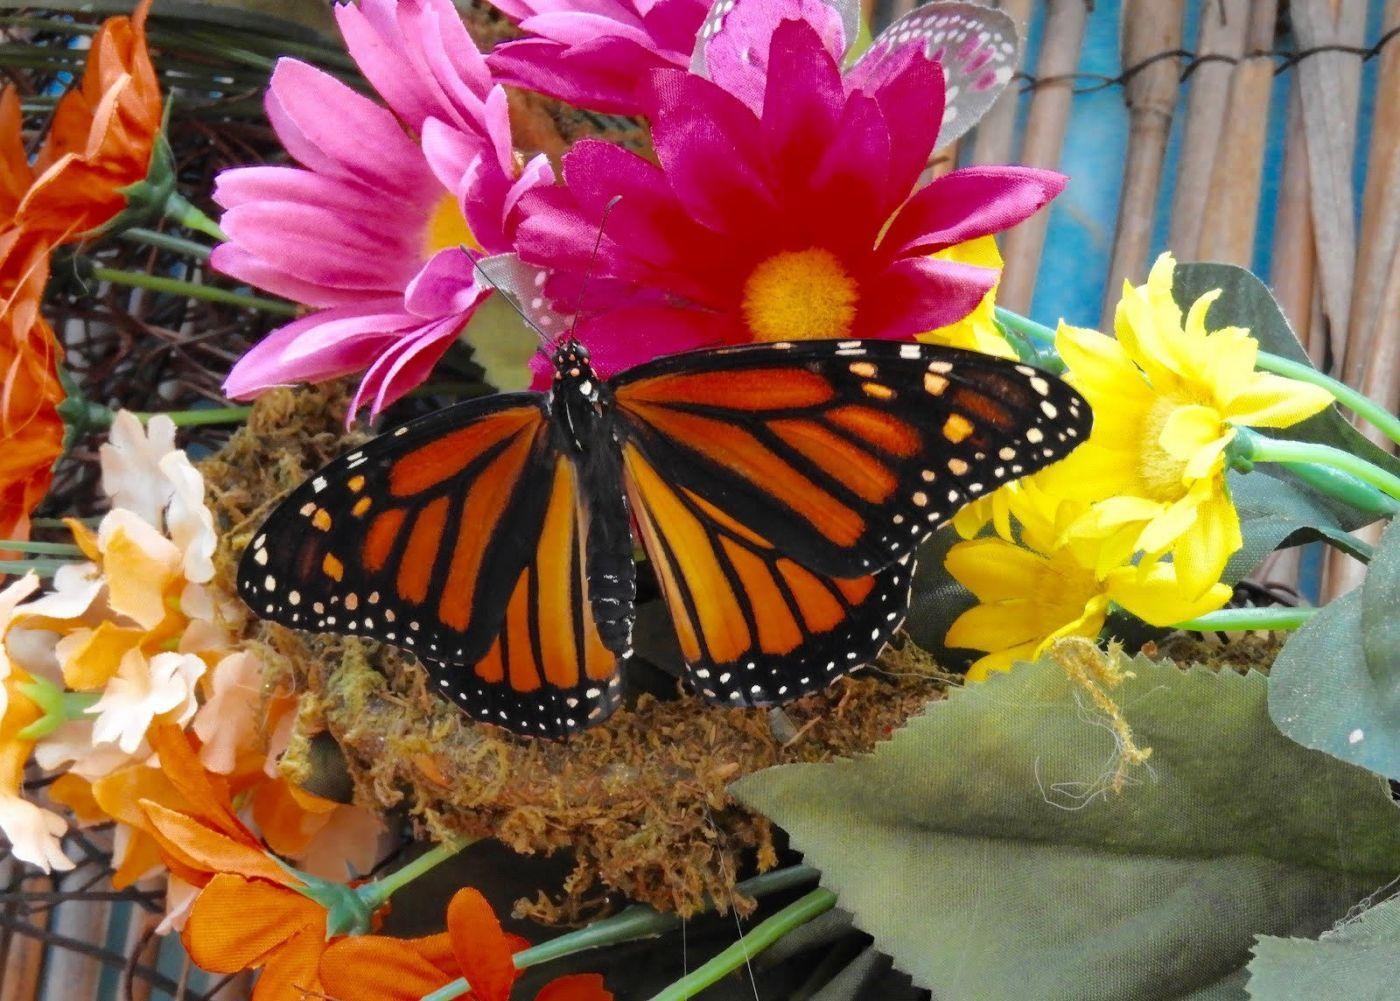 赫尔希花园看蝴蝶_图1-28